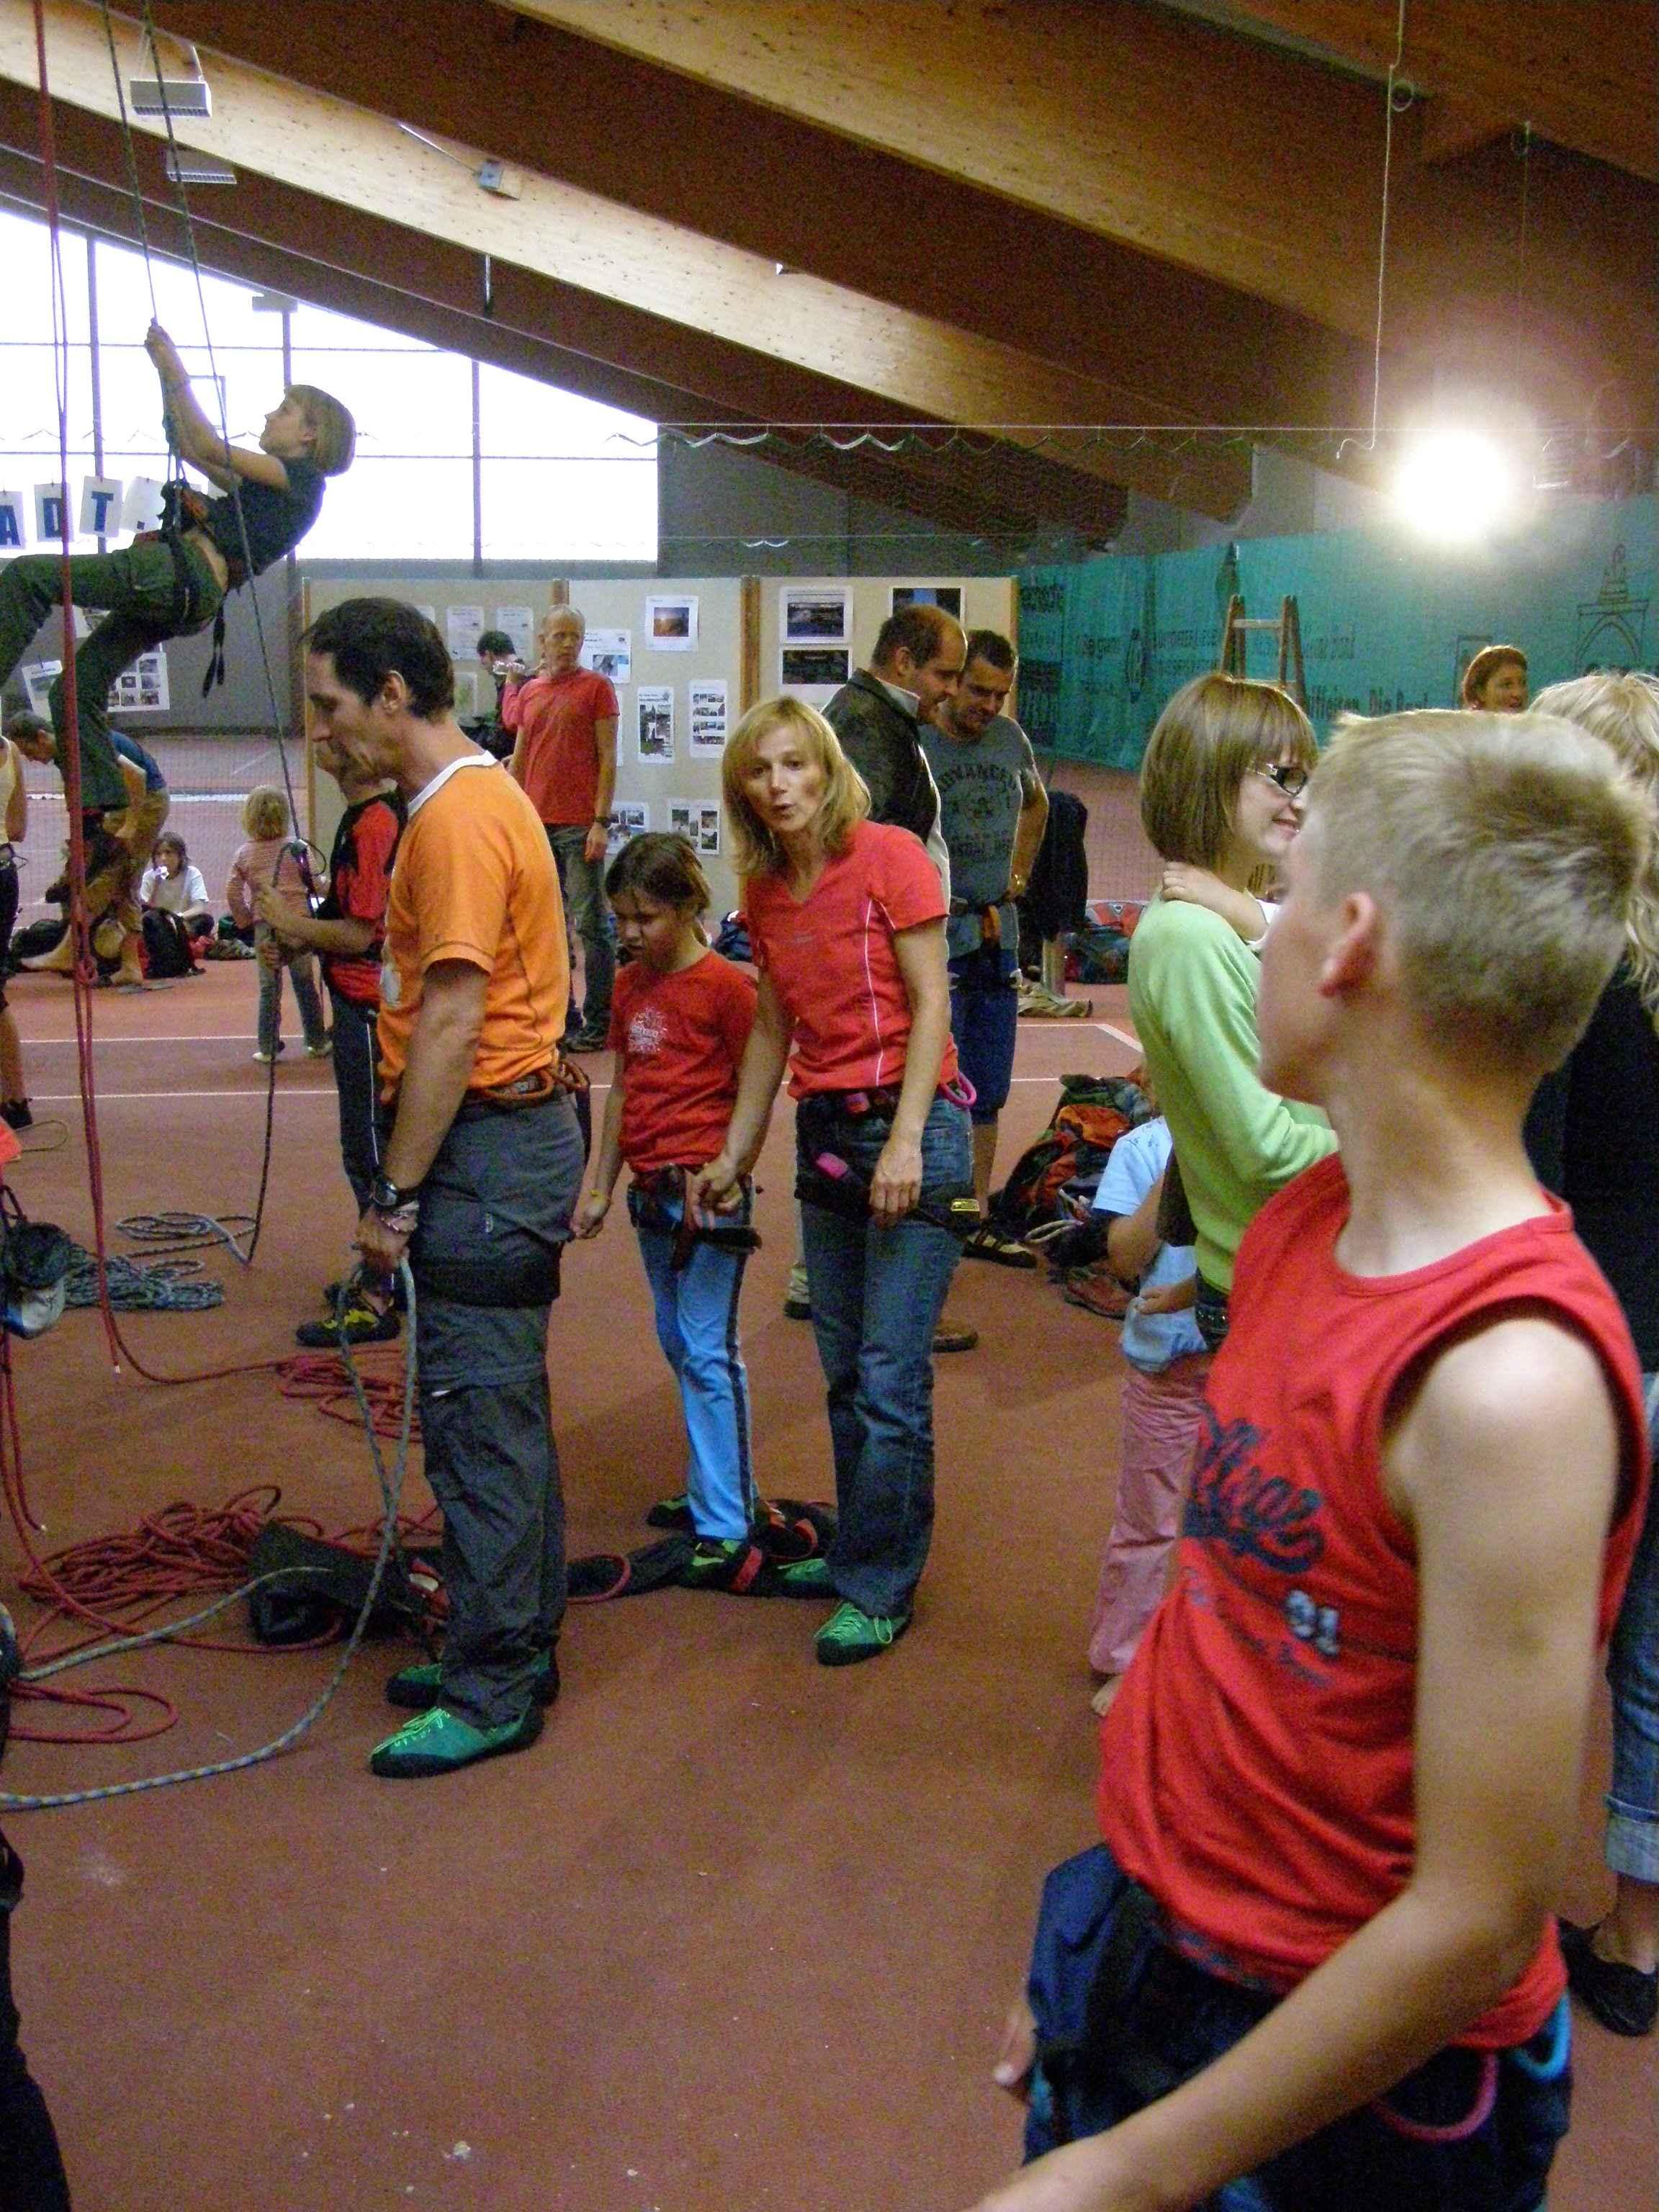 Begeisterte Kletterer in der Kletterhalle Bad Leonfelden